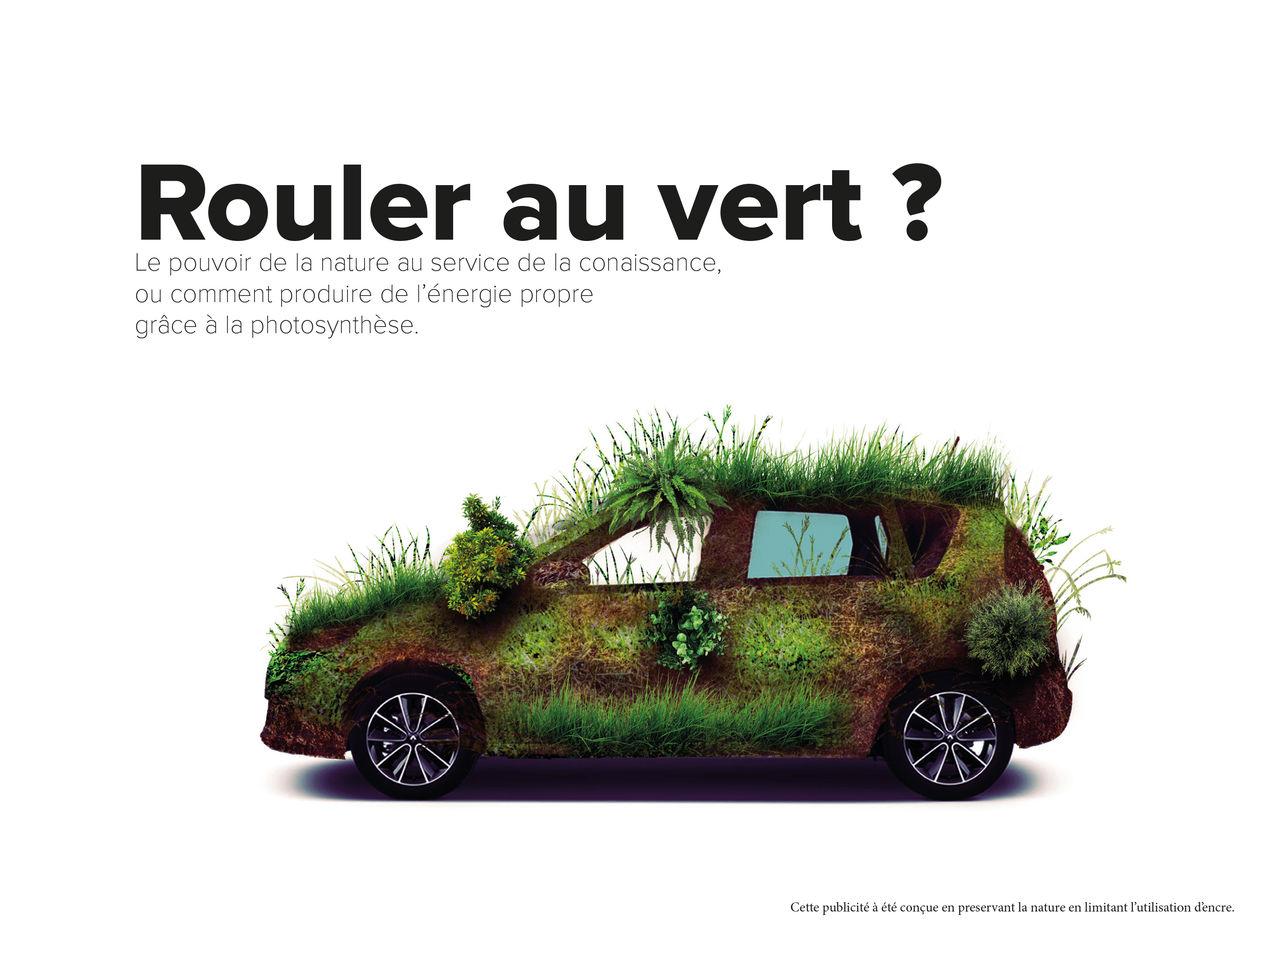 Affiche publicitaire, innovation